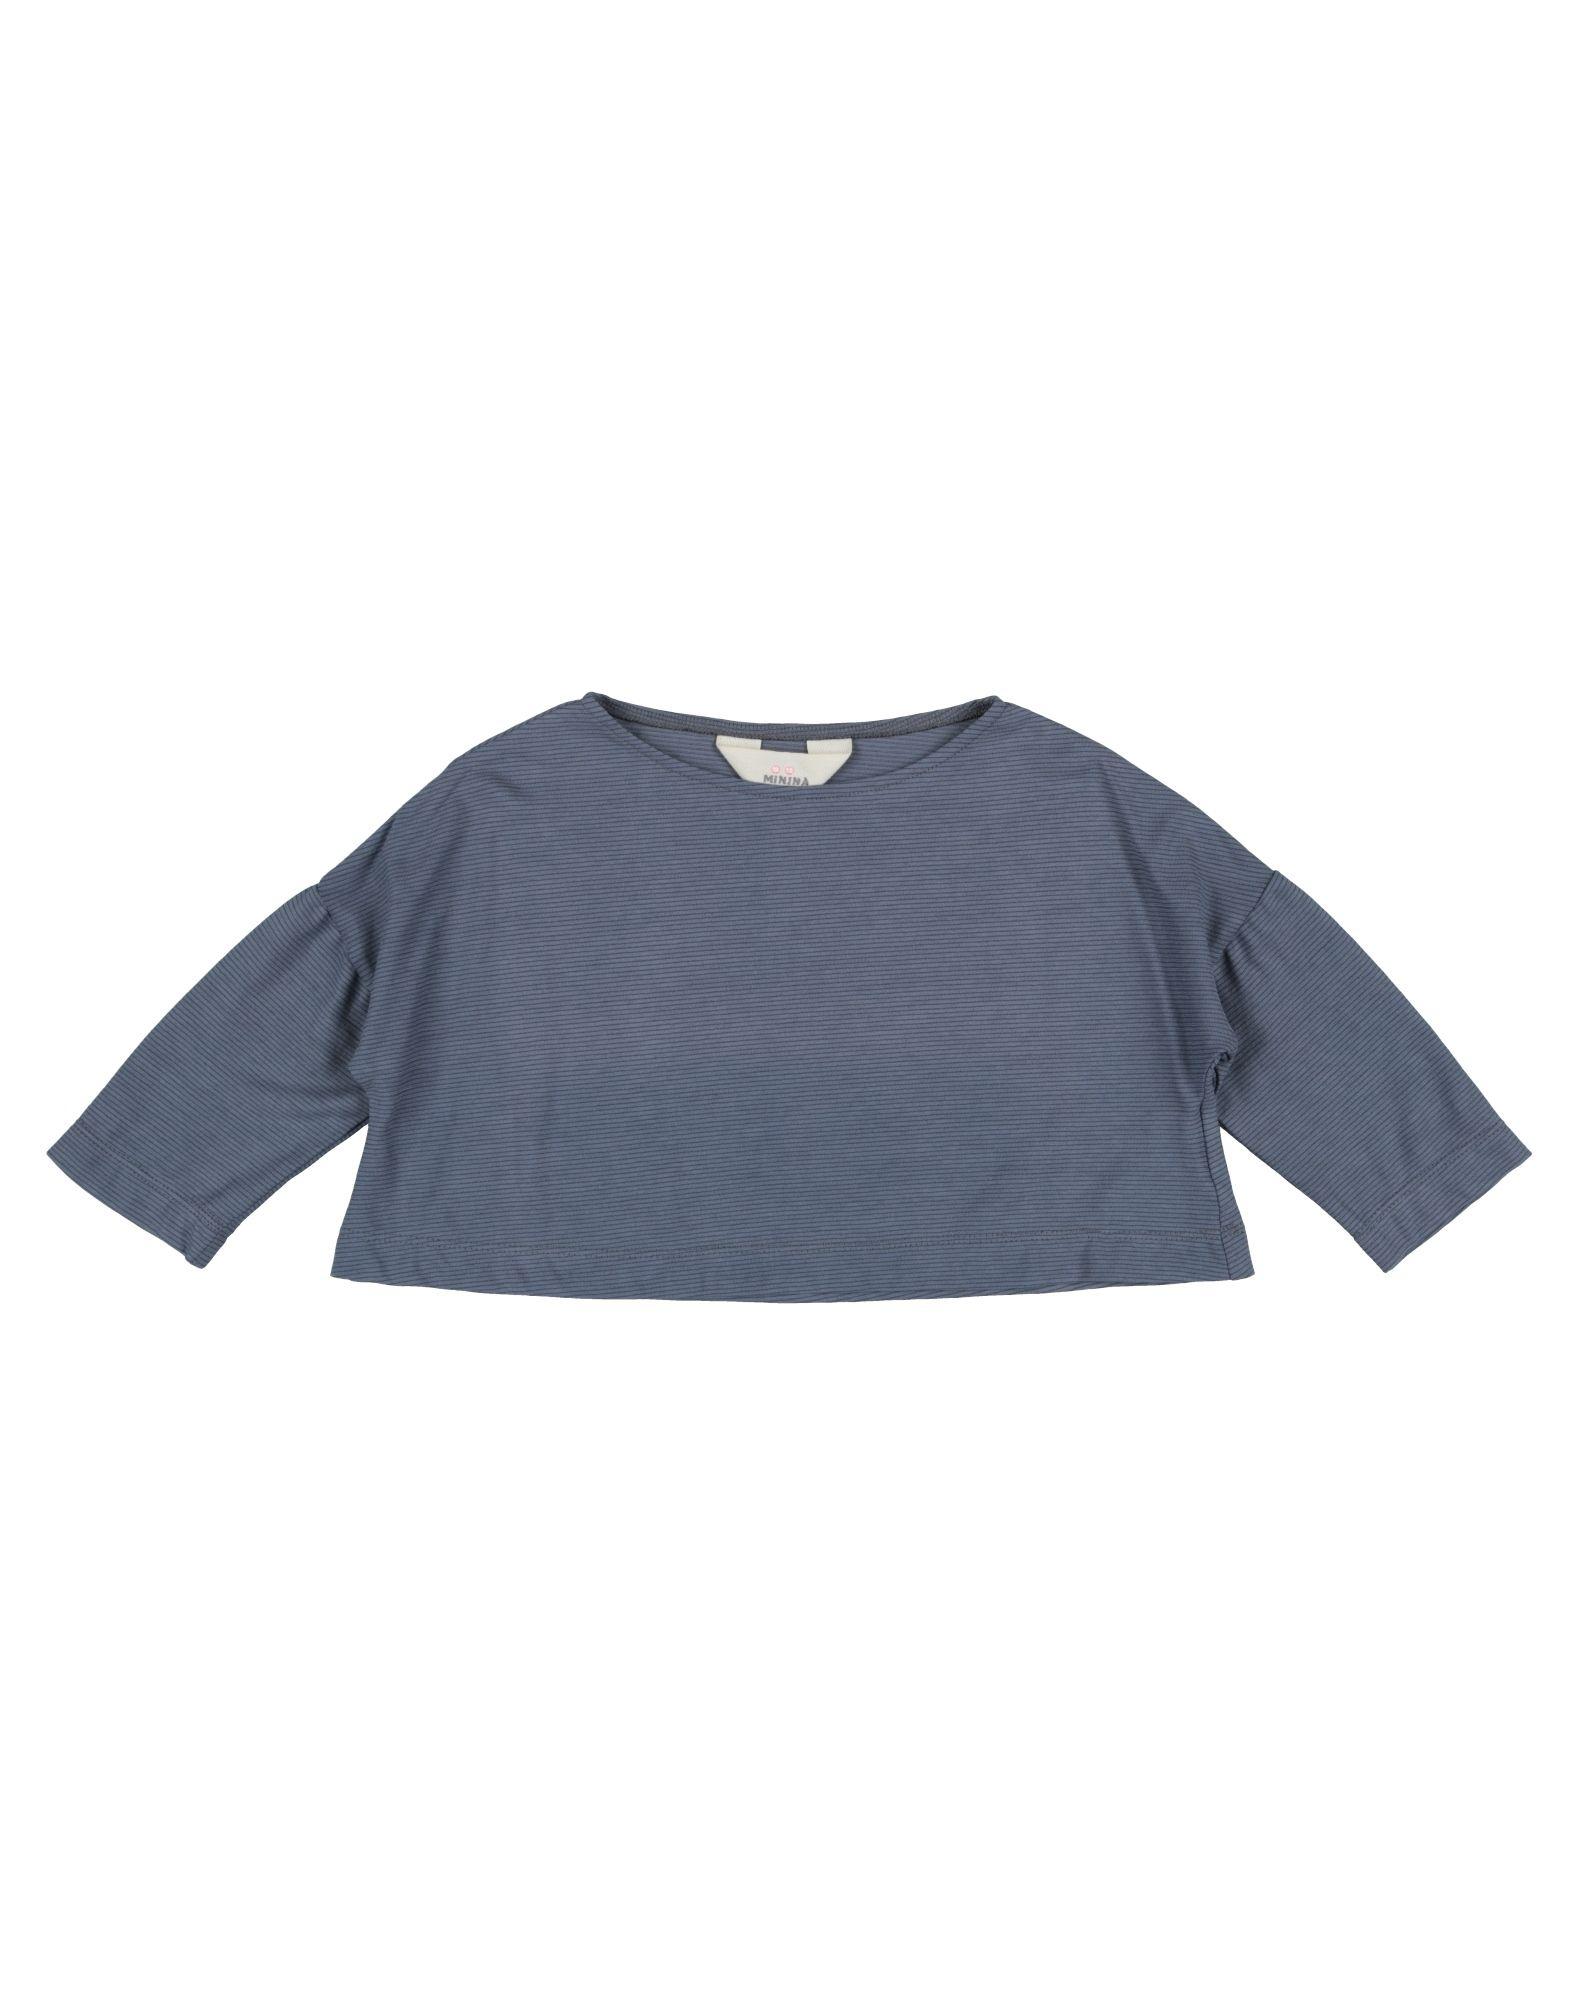 Minina Kids' T-shirts In Blue